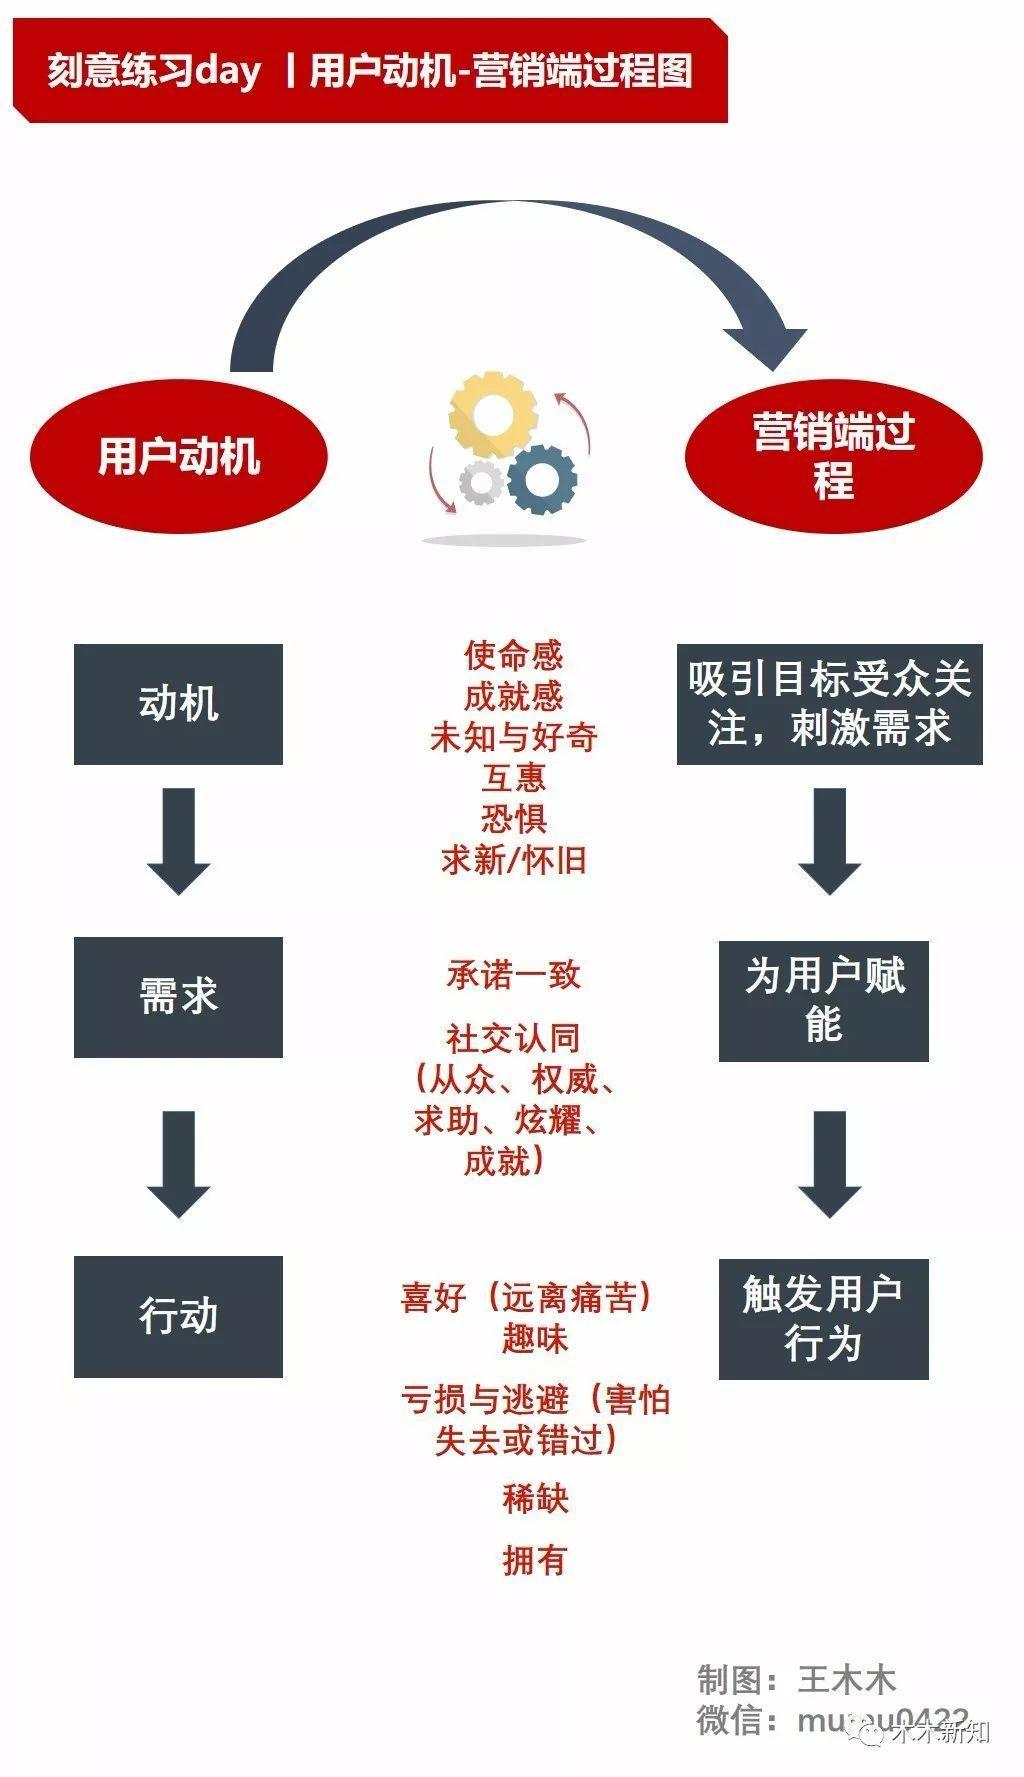 从网易H5、小米、杜蕾斯,看品效合一的创意是如何量产?